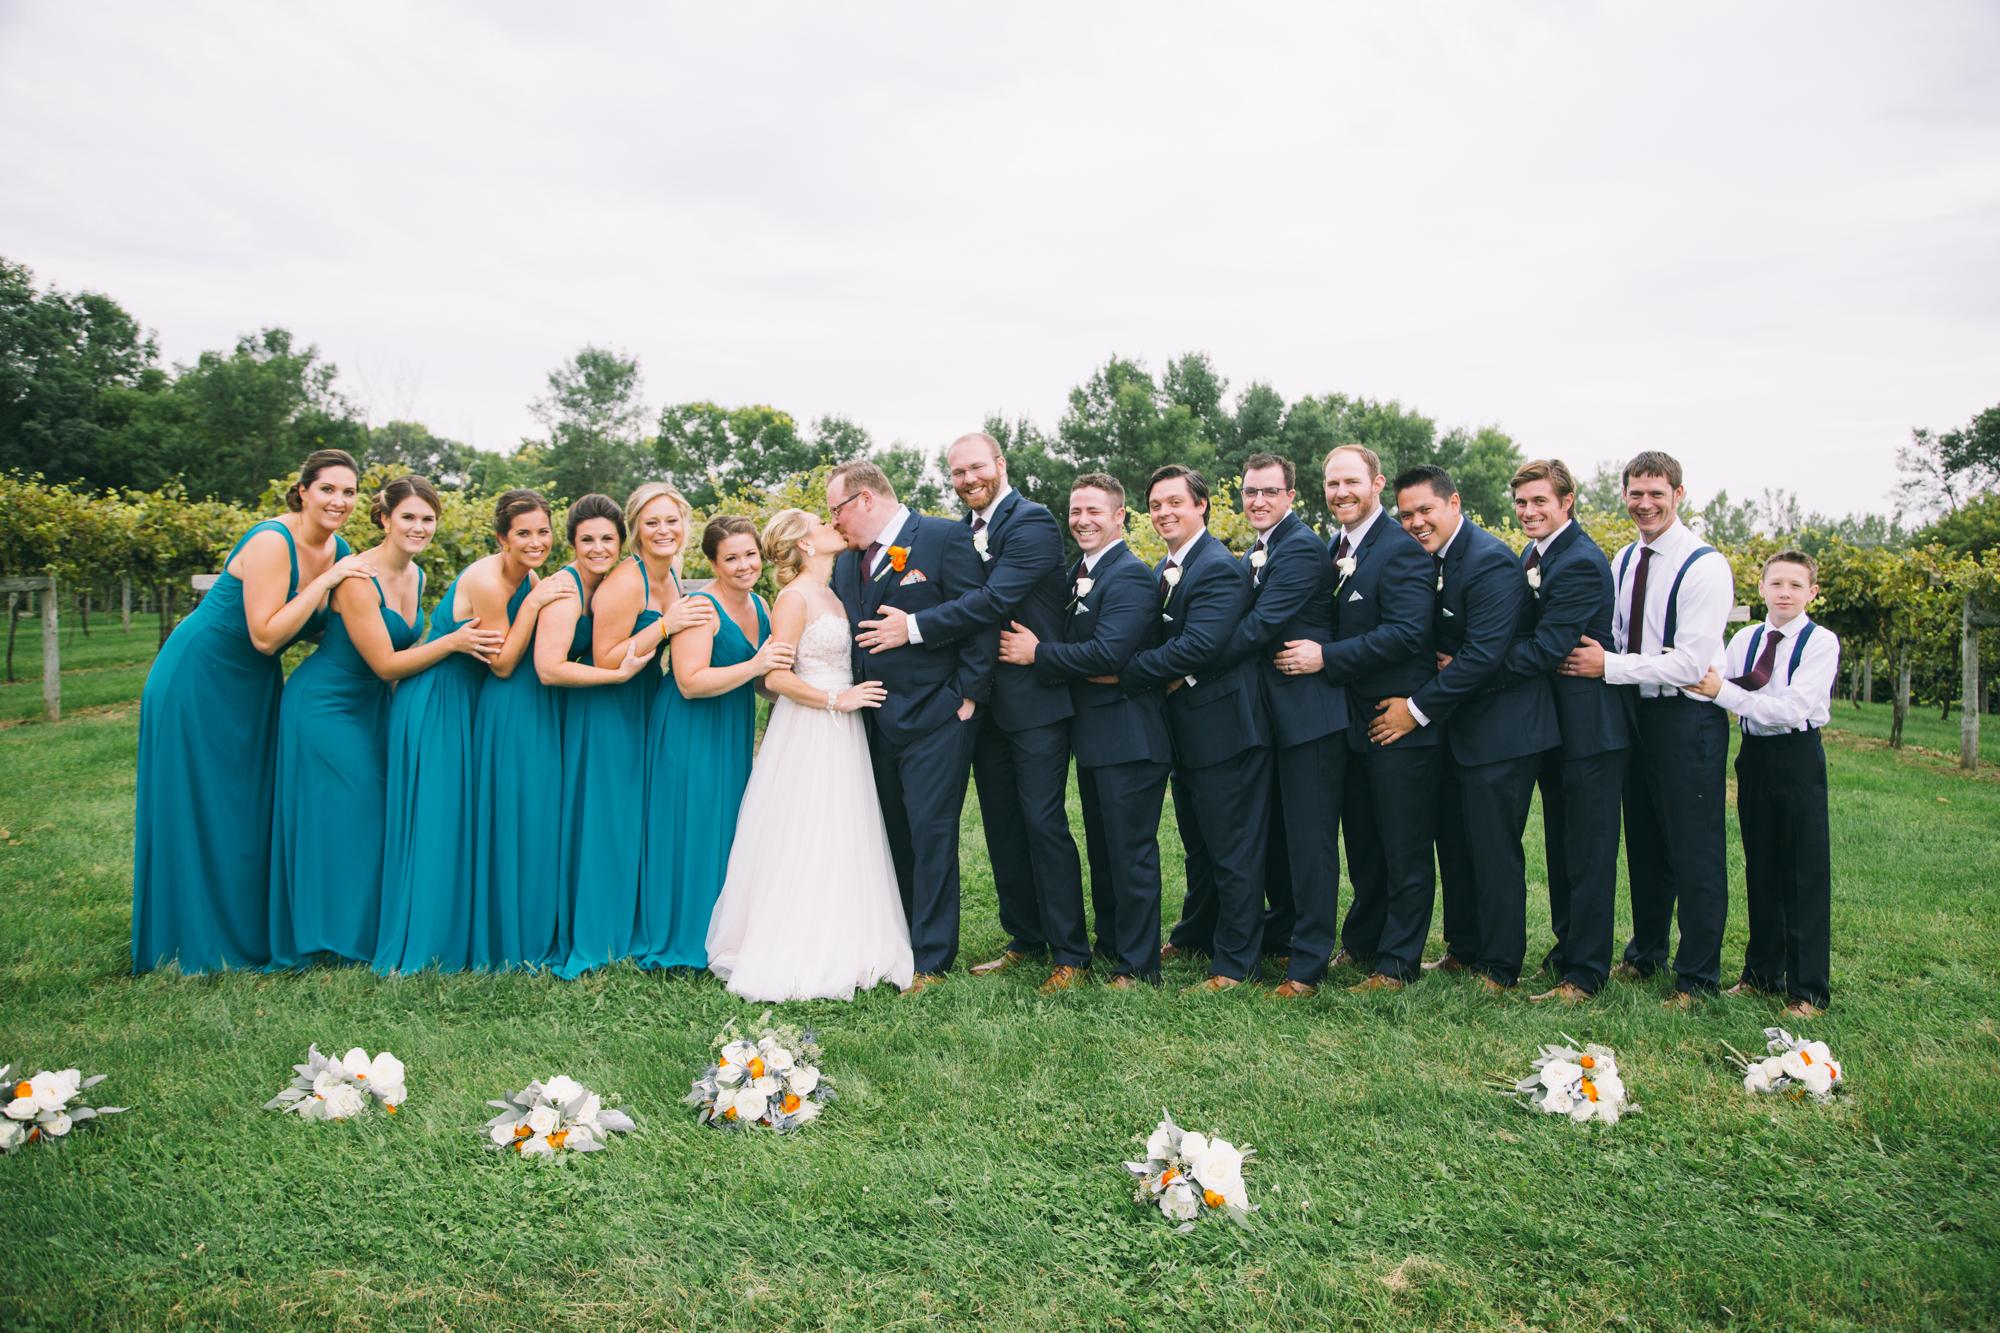 reed+maria_wedding-406.jpg